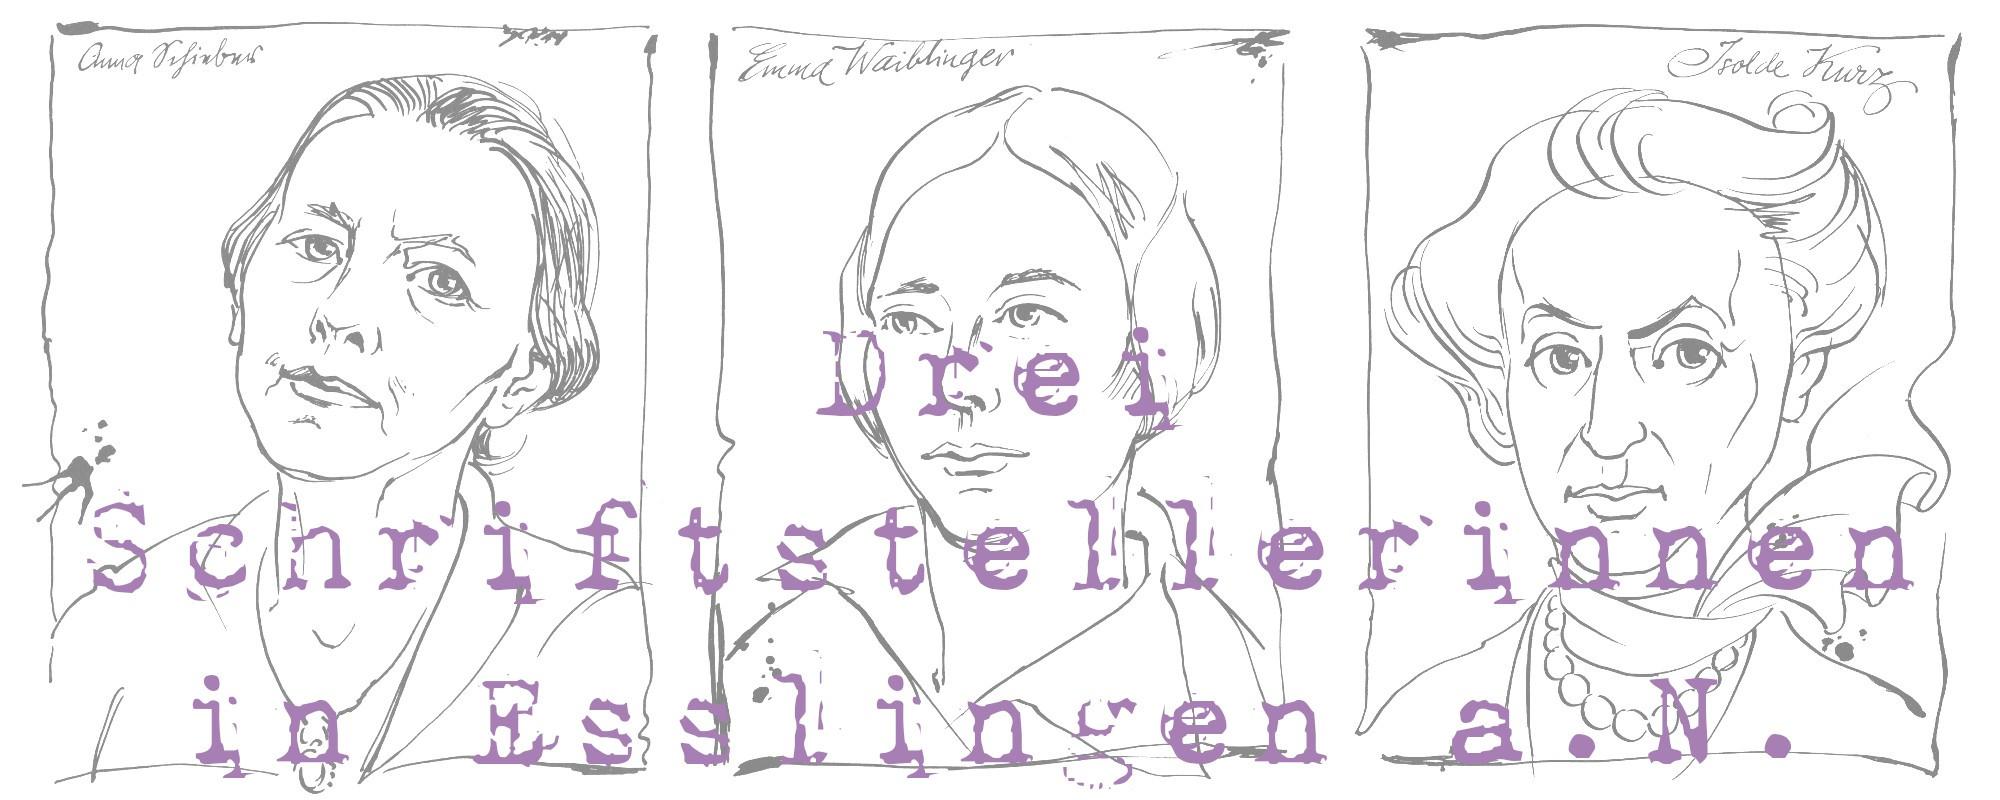 Anne-Birk-Anna-Schieber-Emma-Waiblinger-Isolde-Kurz-Drei-Schriftstellerinnen-in-Esslingen-am-Neckar